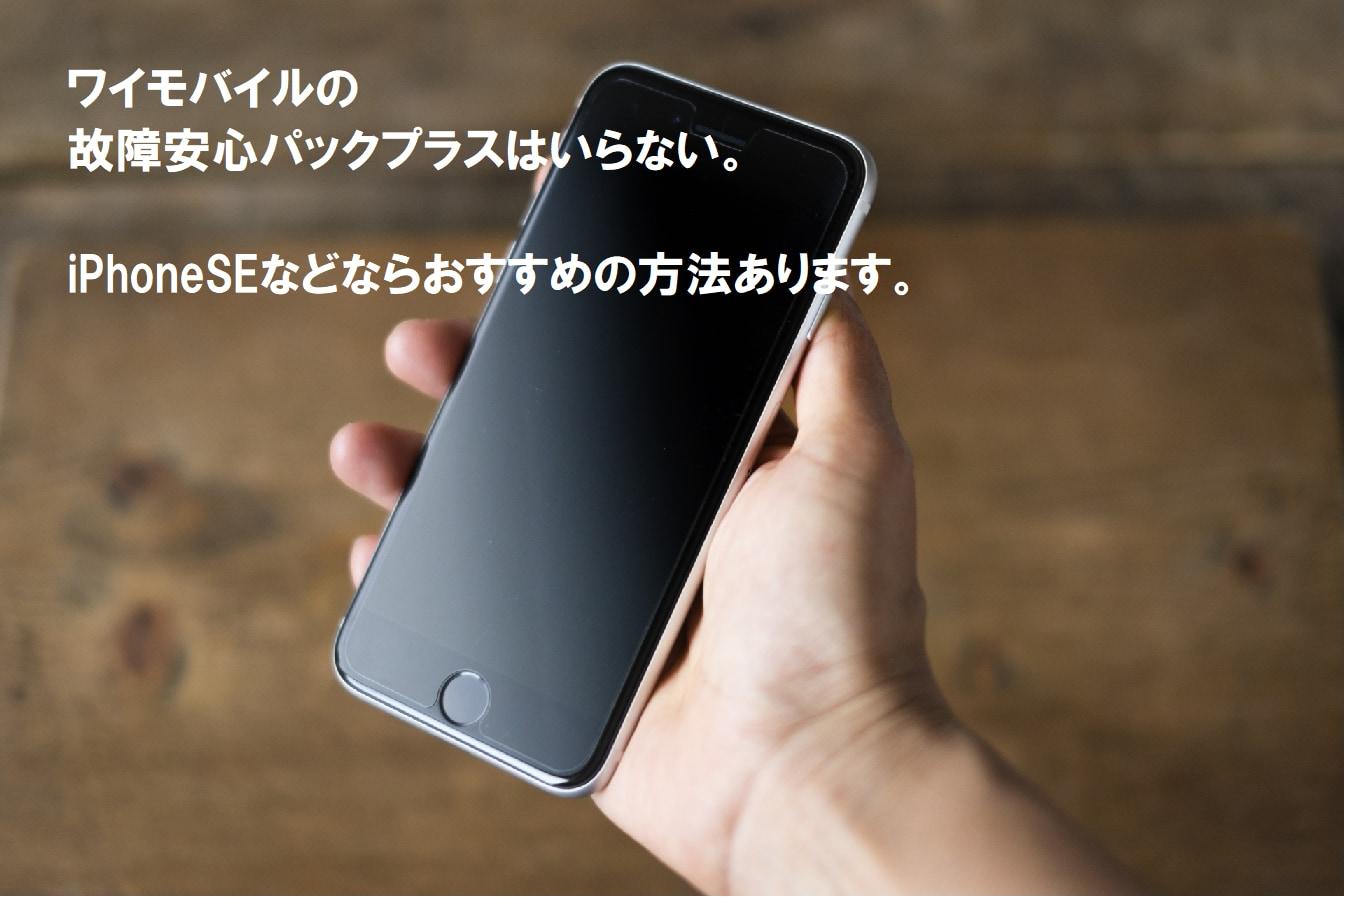 モバイル iphonese ワイ